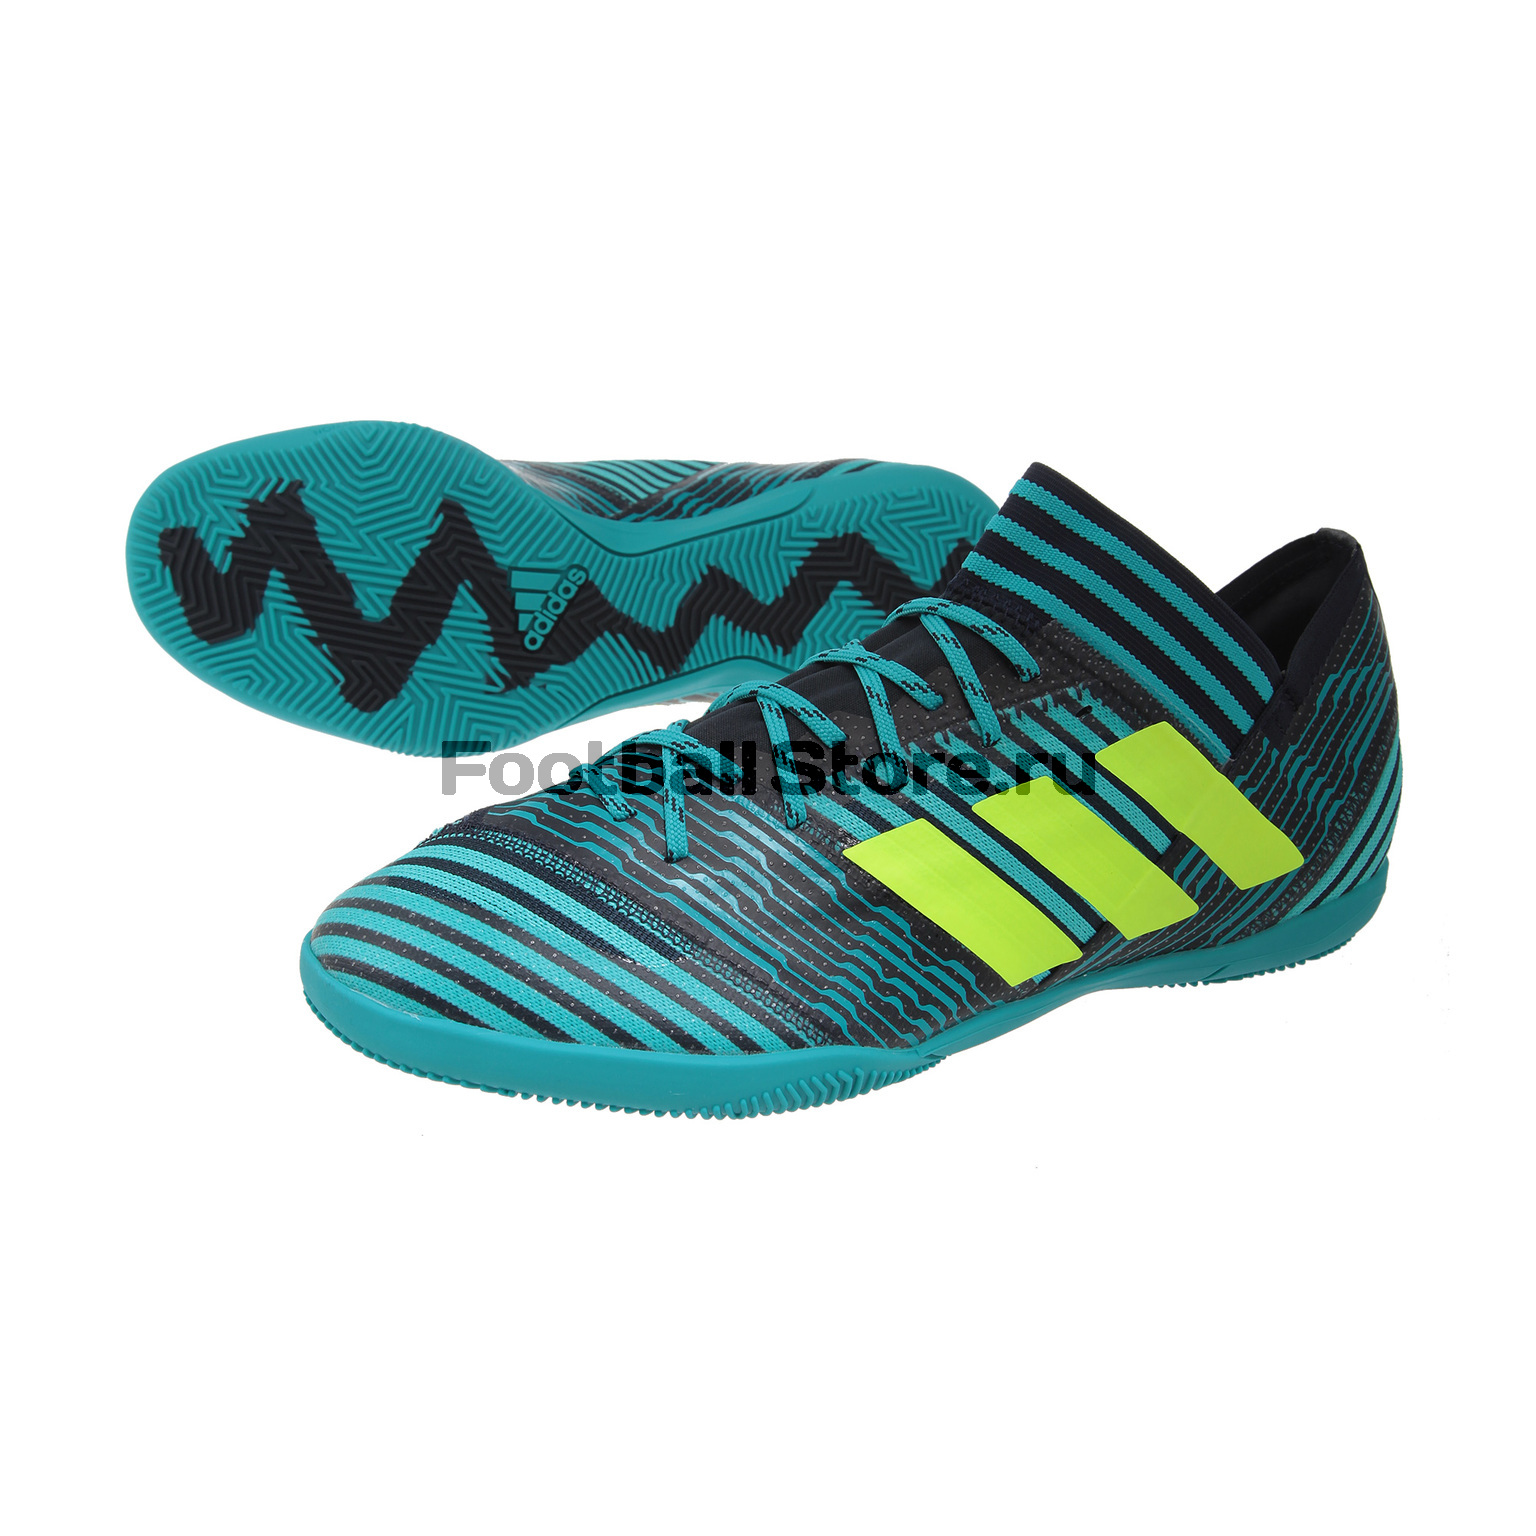 Обувь для зала Adidas Обувь для зала Adidas Nemeziz Tango 17.3 IN BY2462